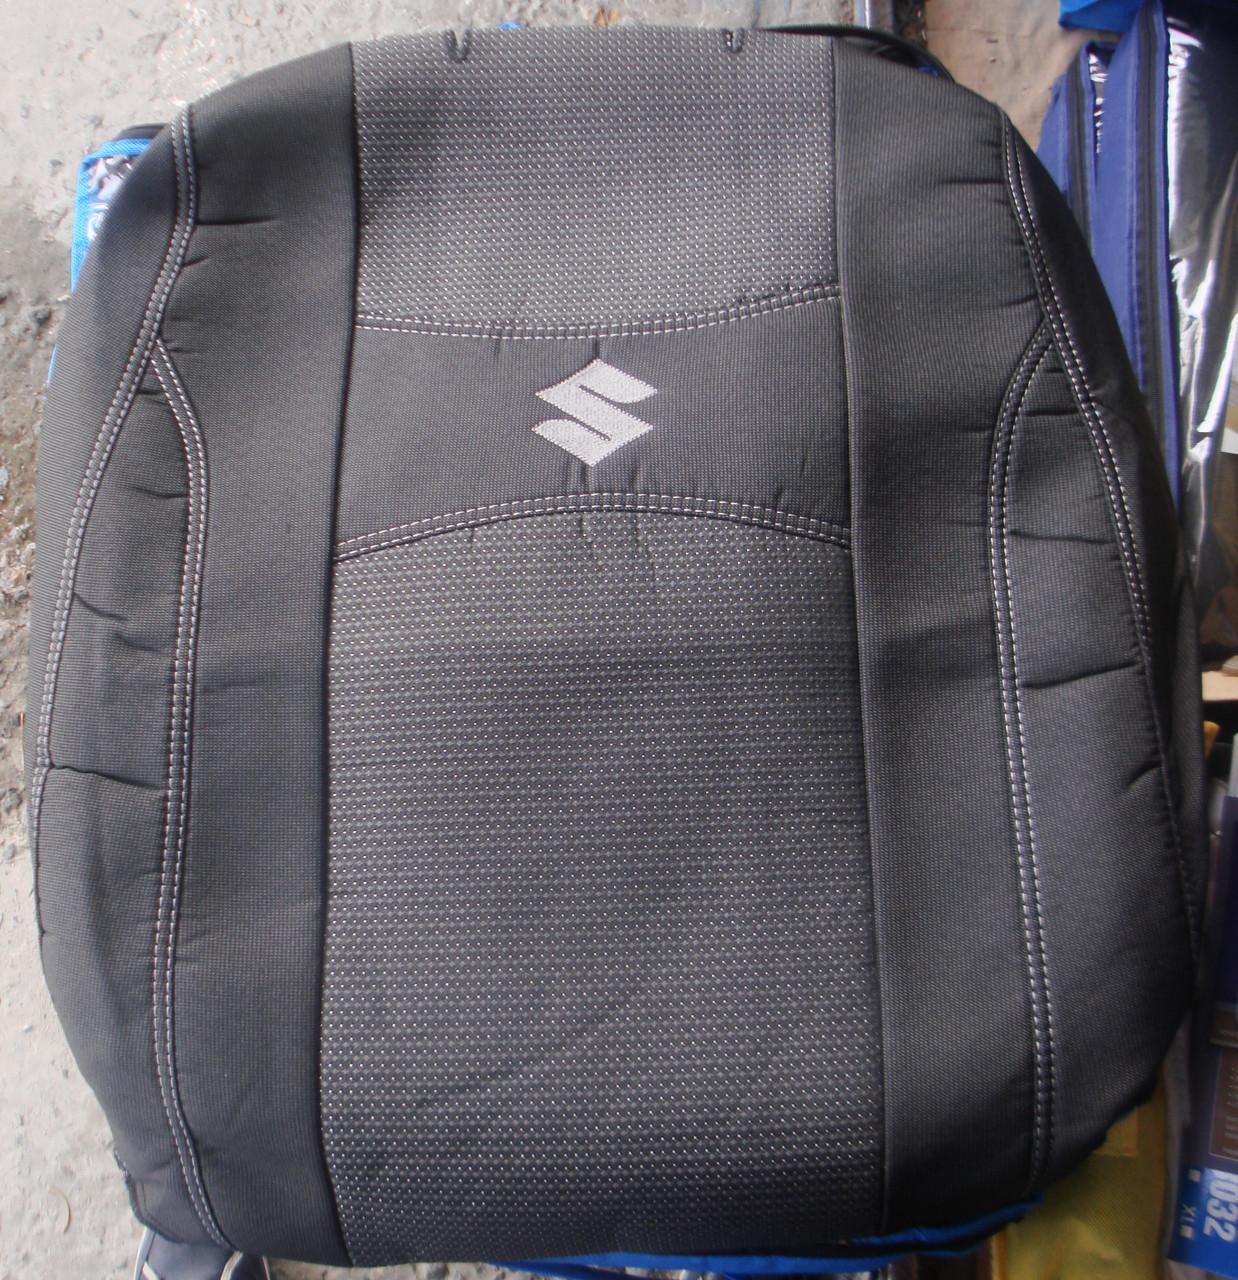 Авточехлы PREMIUM SUZUKI GRAND VITARA II 2005 автомобильные модельные чехлы на для сиденья сидений салона SUZUKI Сузуки GRAND VITARA